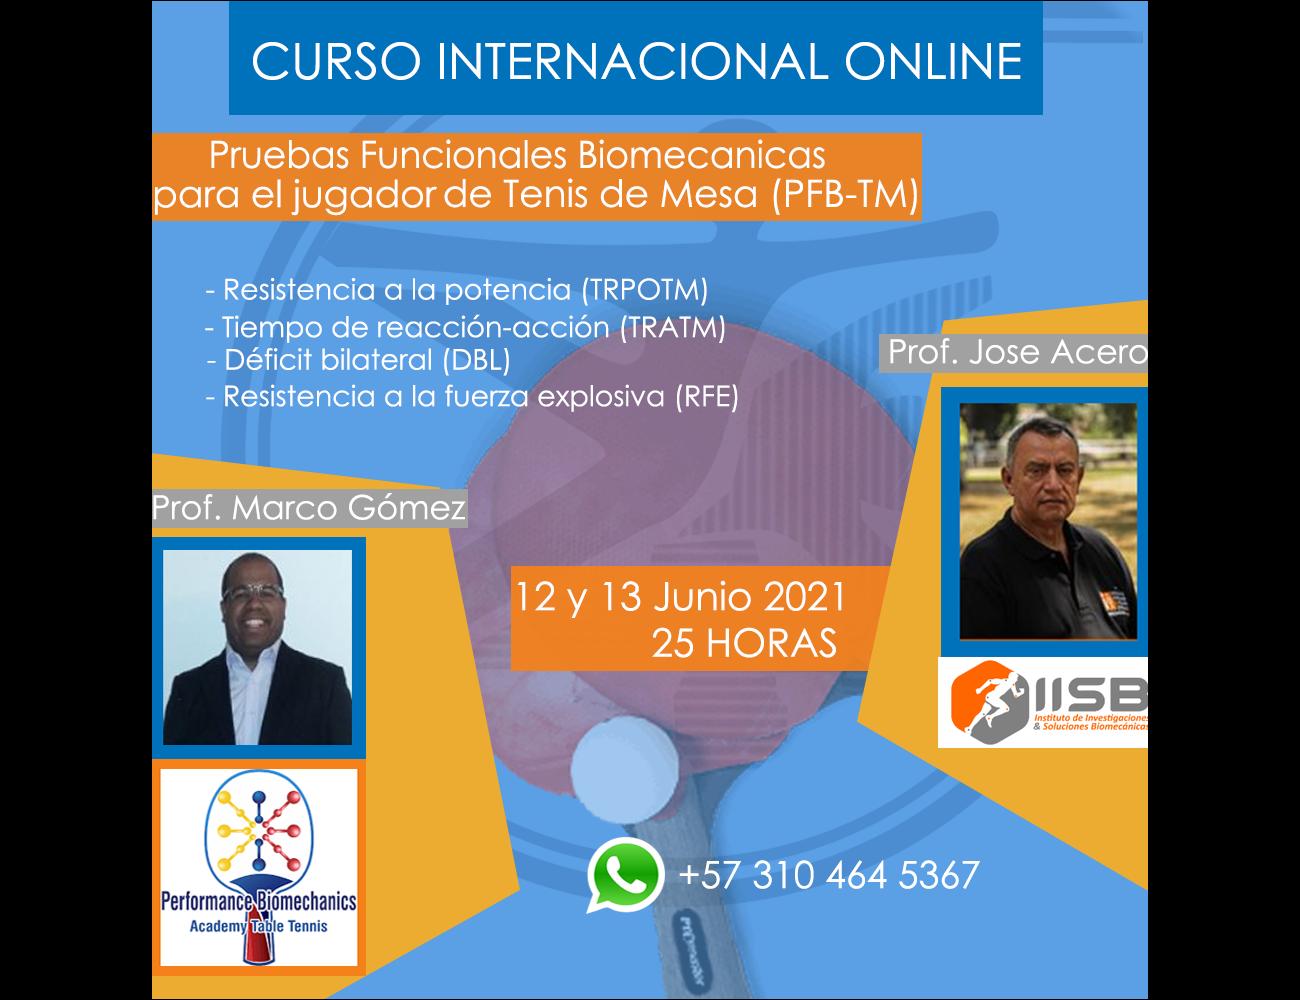 PRUEBAS FUNCIONALES BIOMECANICAS PARA EL JUGADOR DE TENIS DE MESA (PFB-TM)